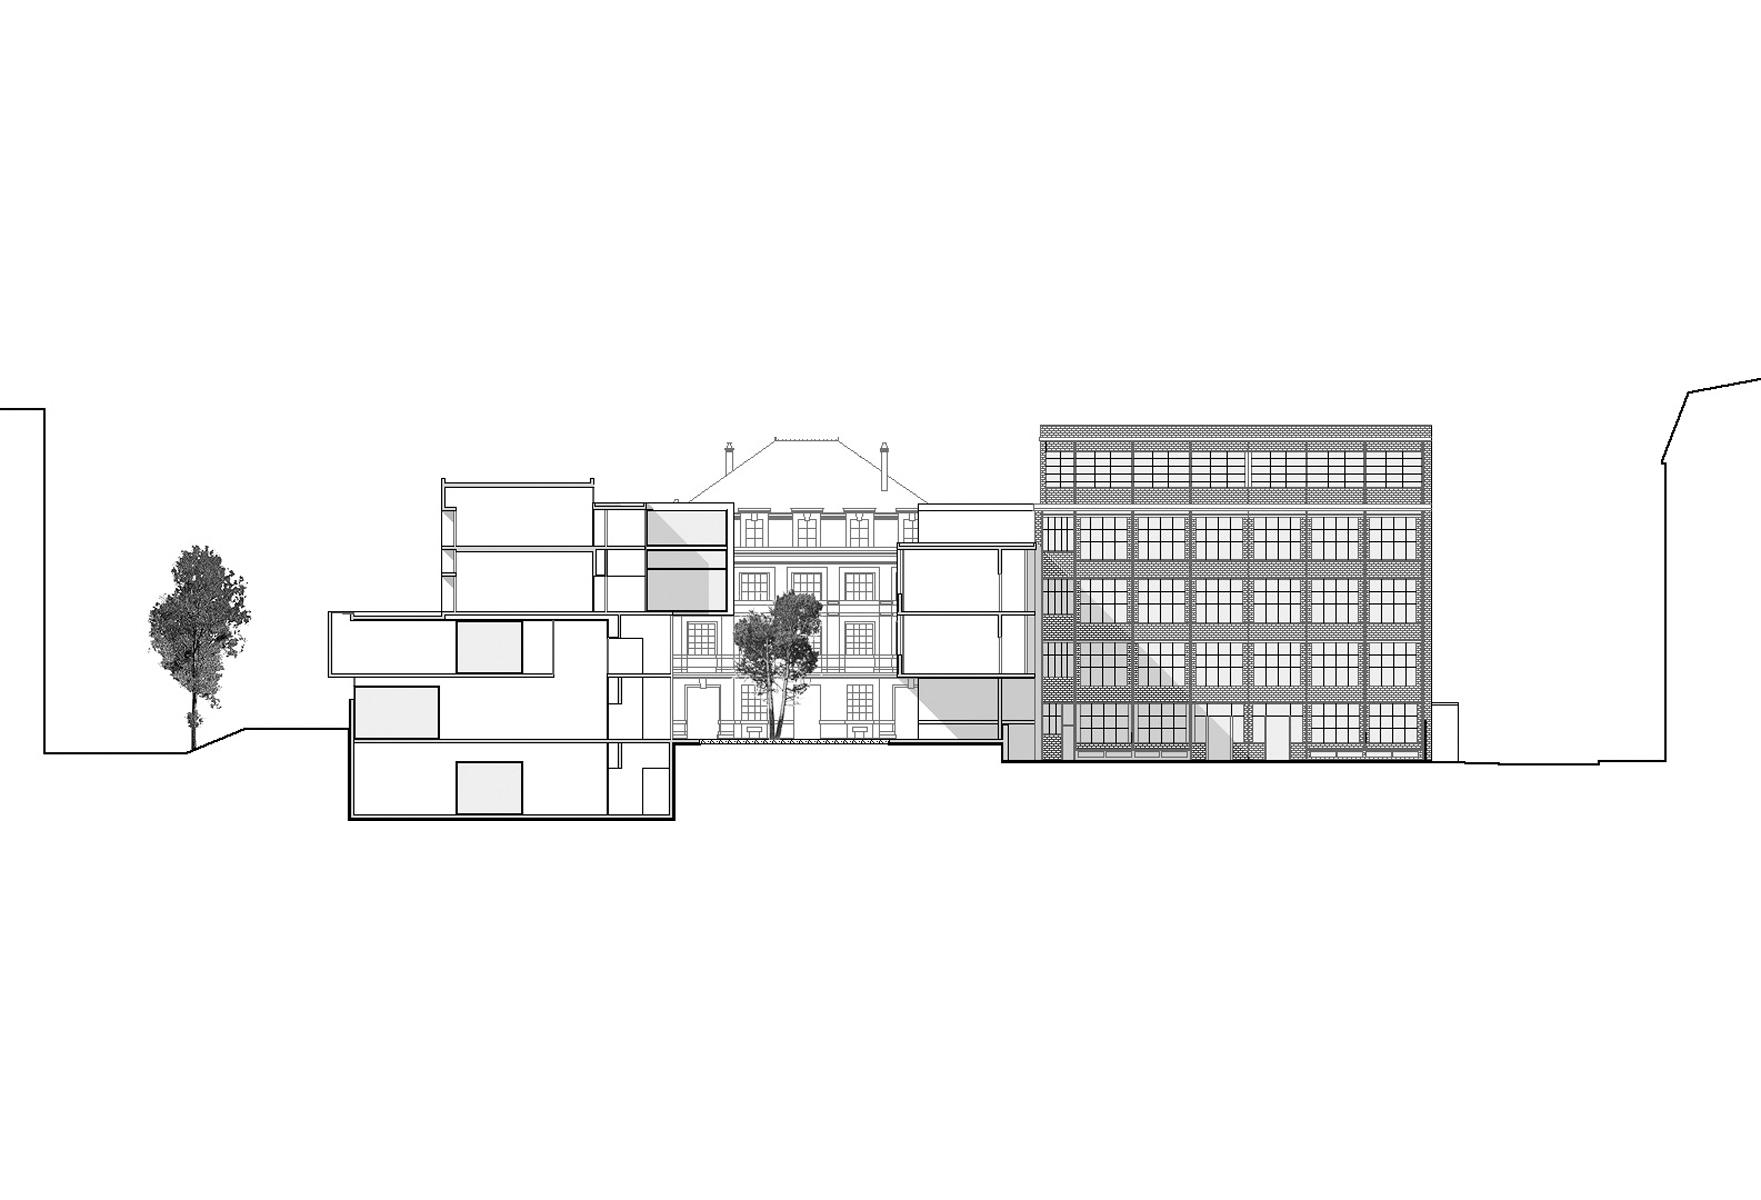 Ecole d architecture belleville emmanuelle et laurent for Architecture concours